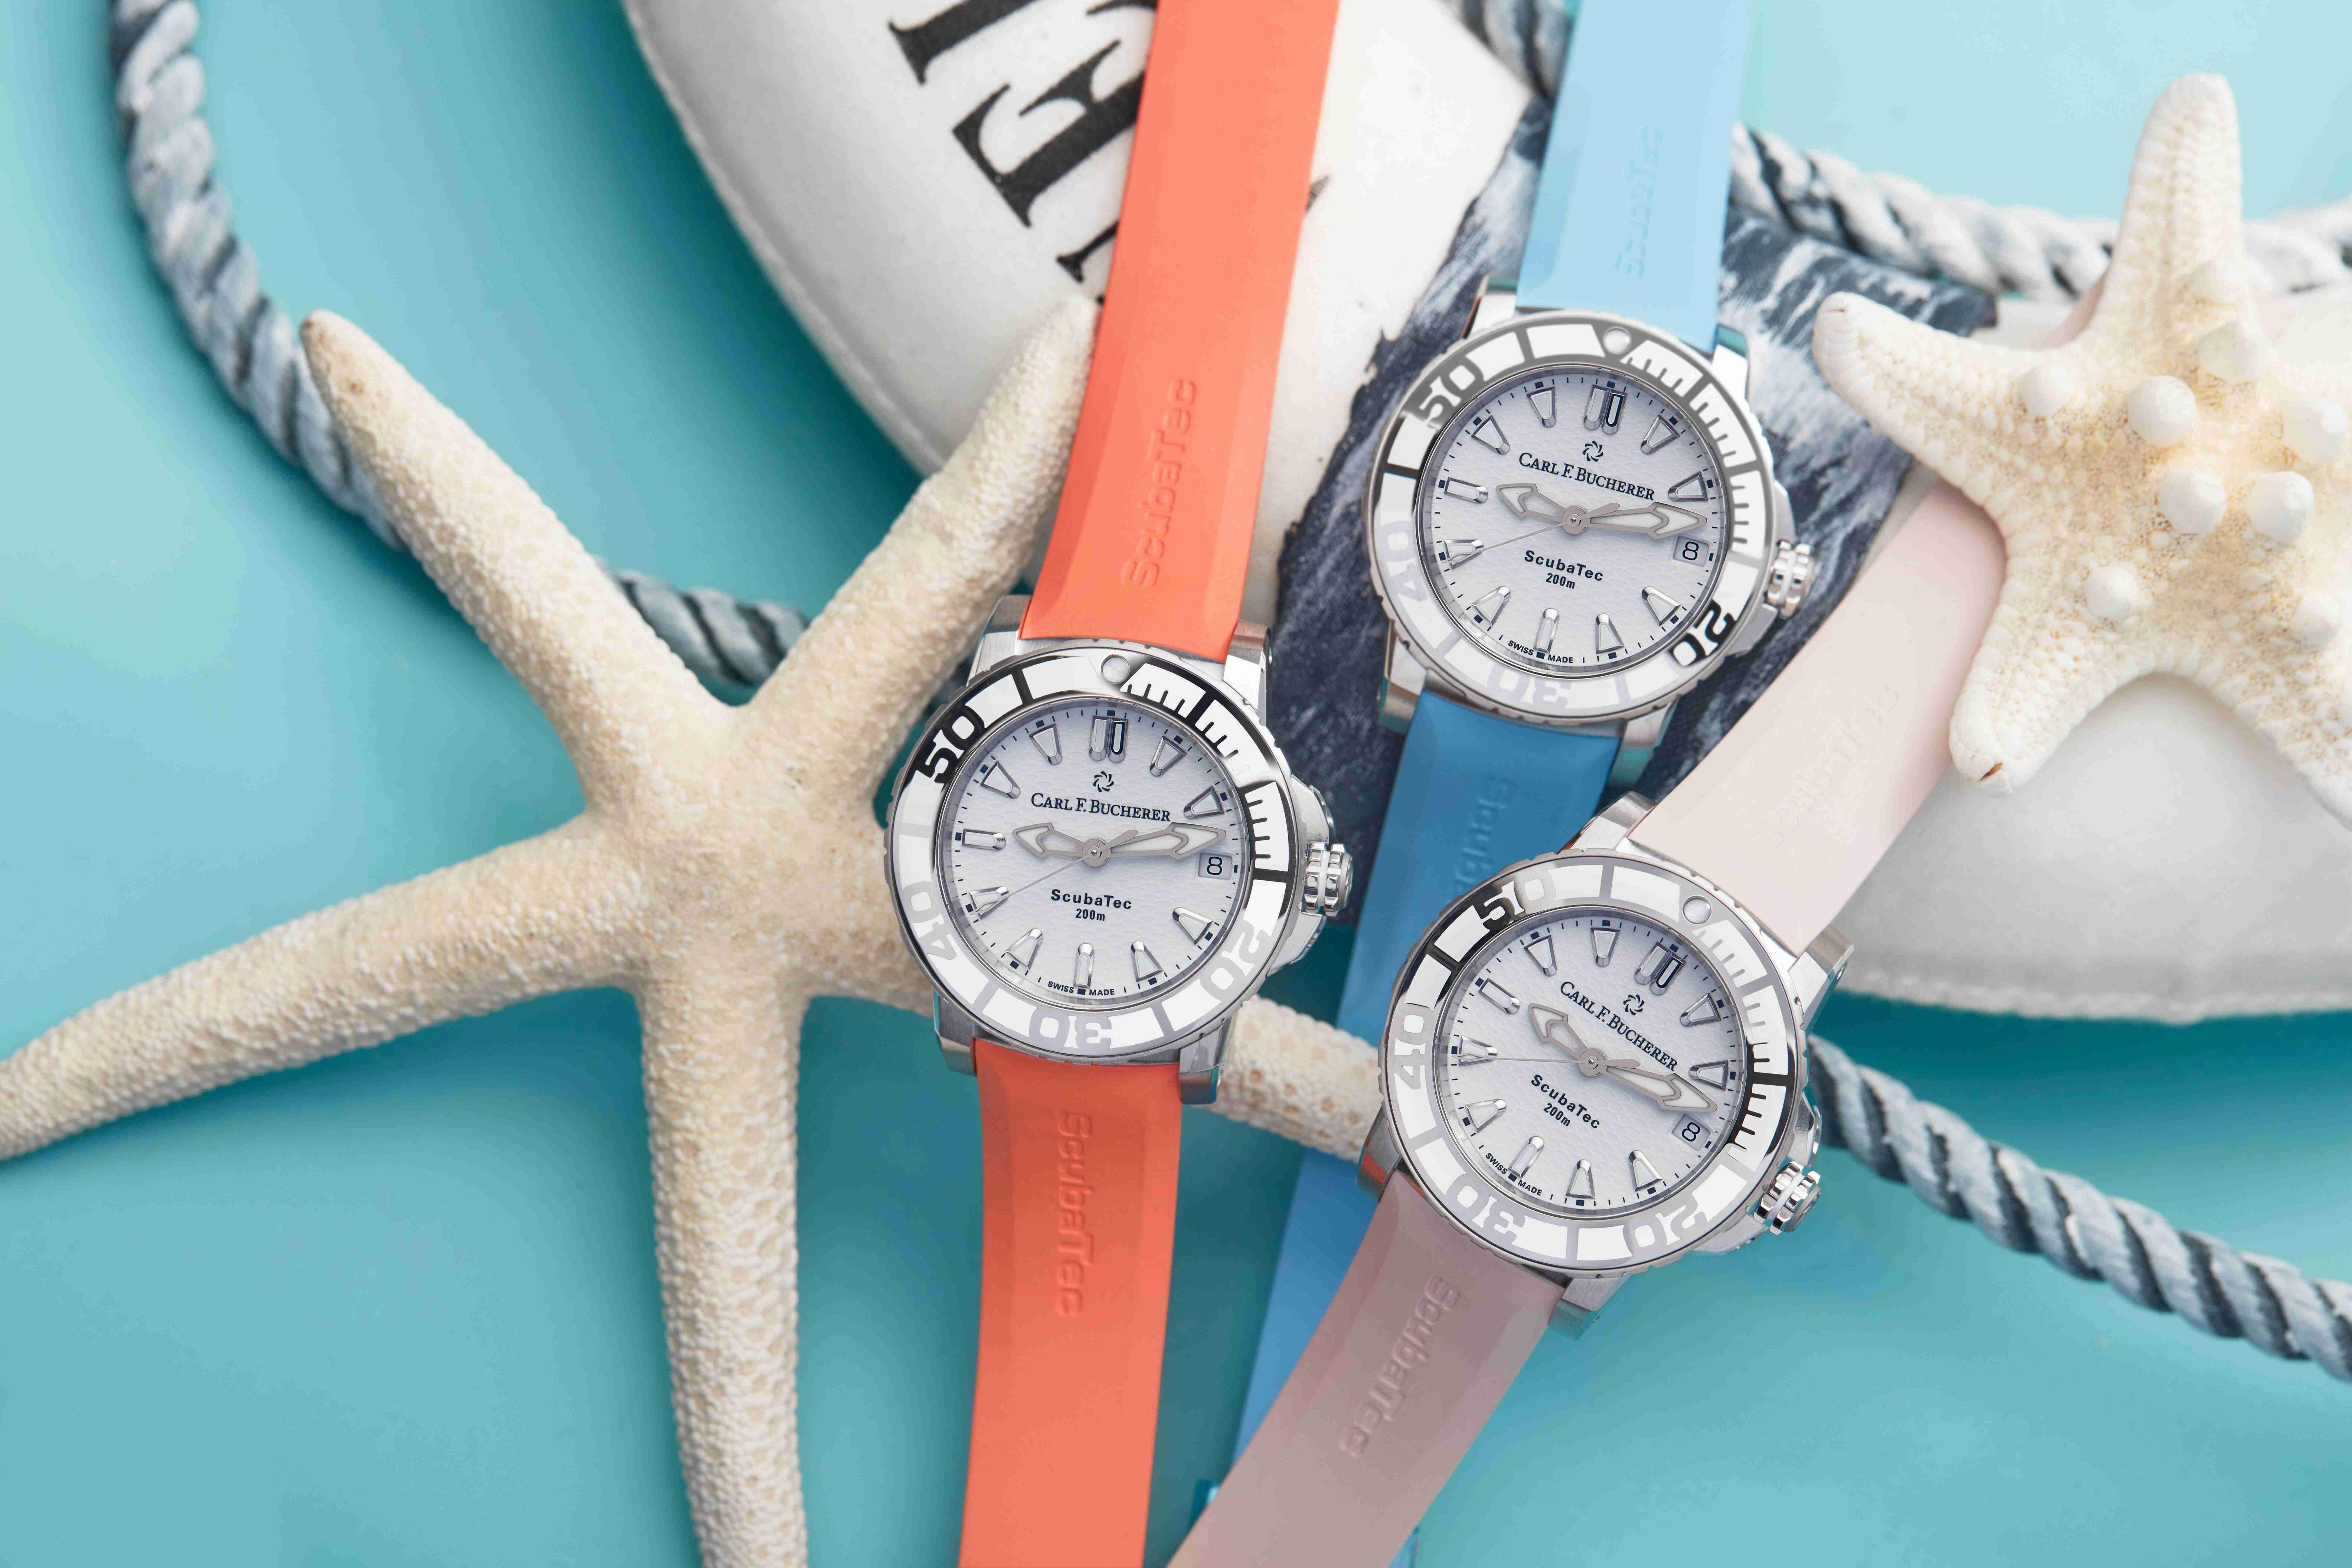 戴在腕上,感受海洋——宝齐莱柏拉维深潜女装腕表感恩海洋日